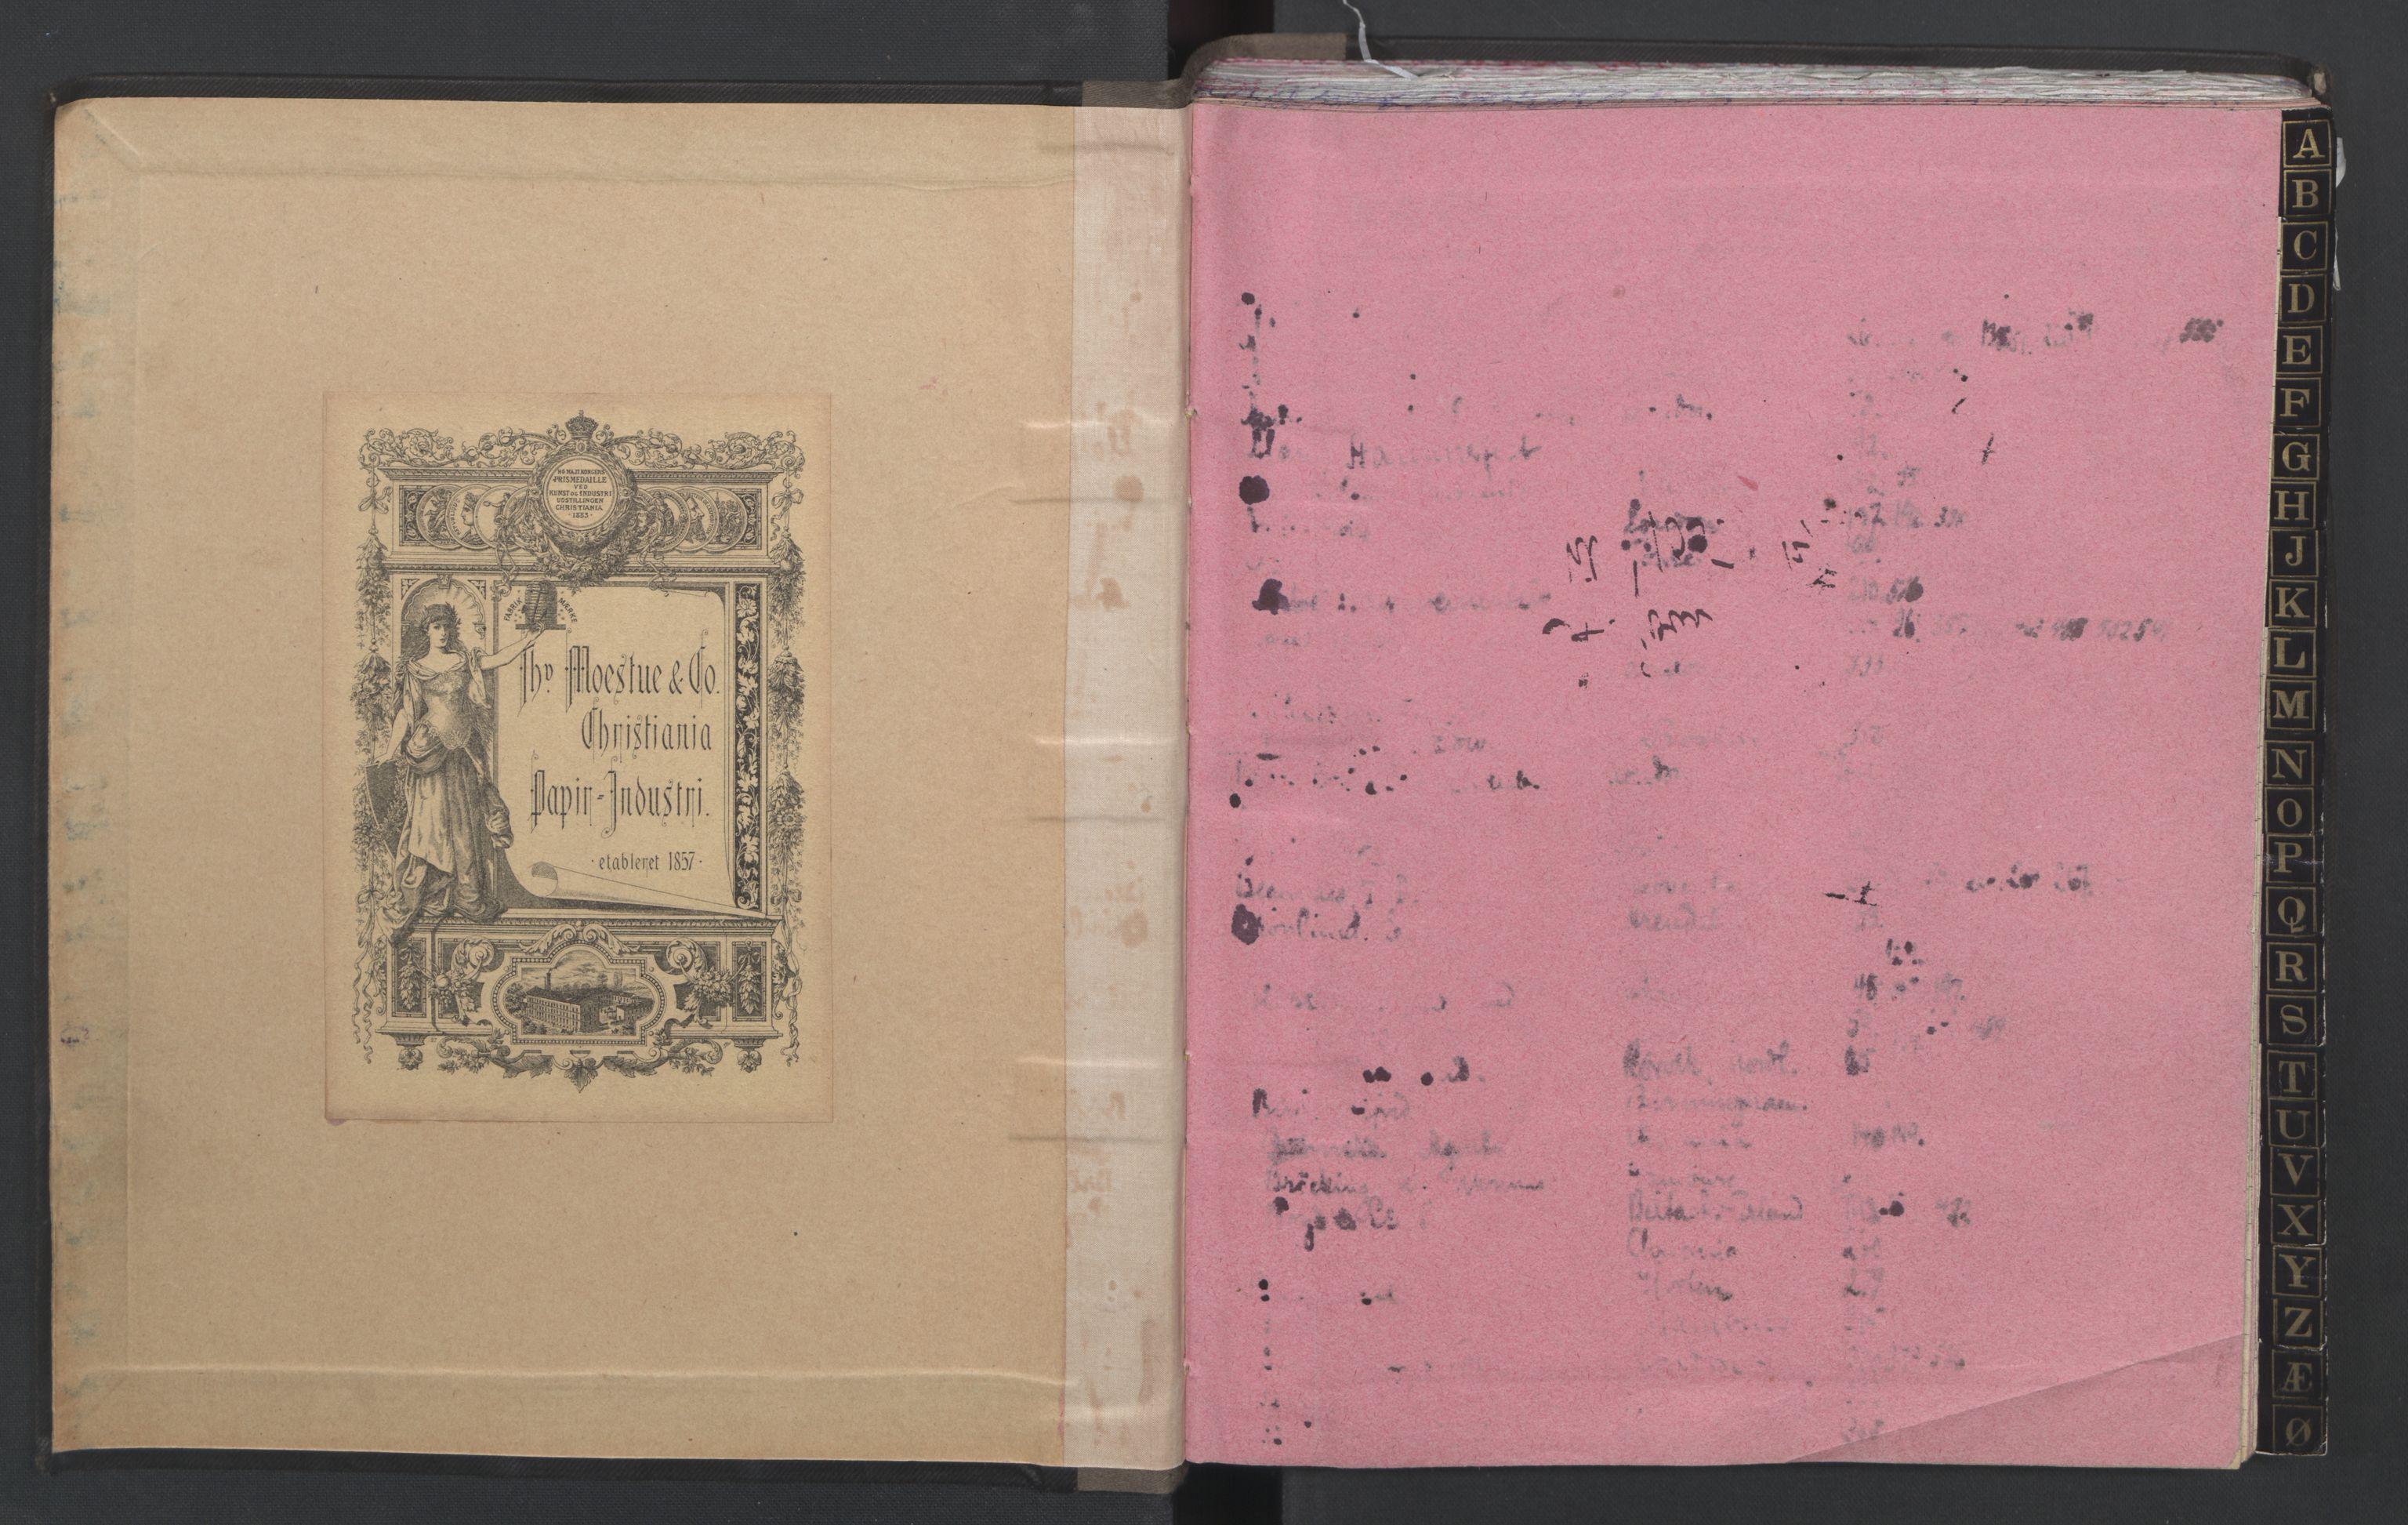 RA, Arbeidskomitéen for Fridtjof Nansens polarekspedisjon, D/L0002: 2 kopibøker - Forberedelser og utrustning, 1893, s. upaginert